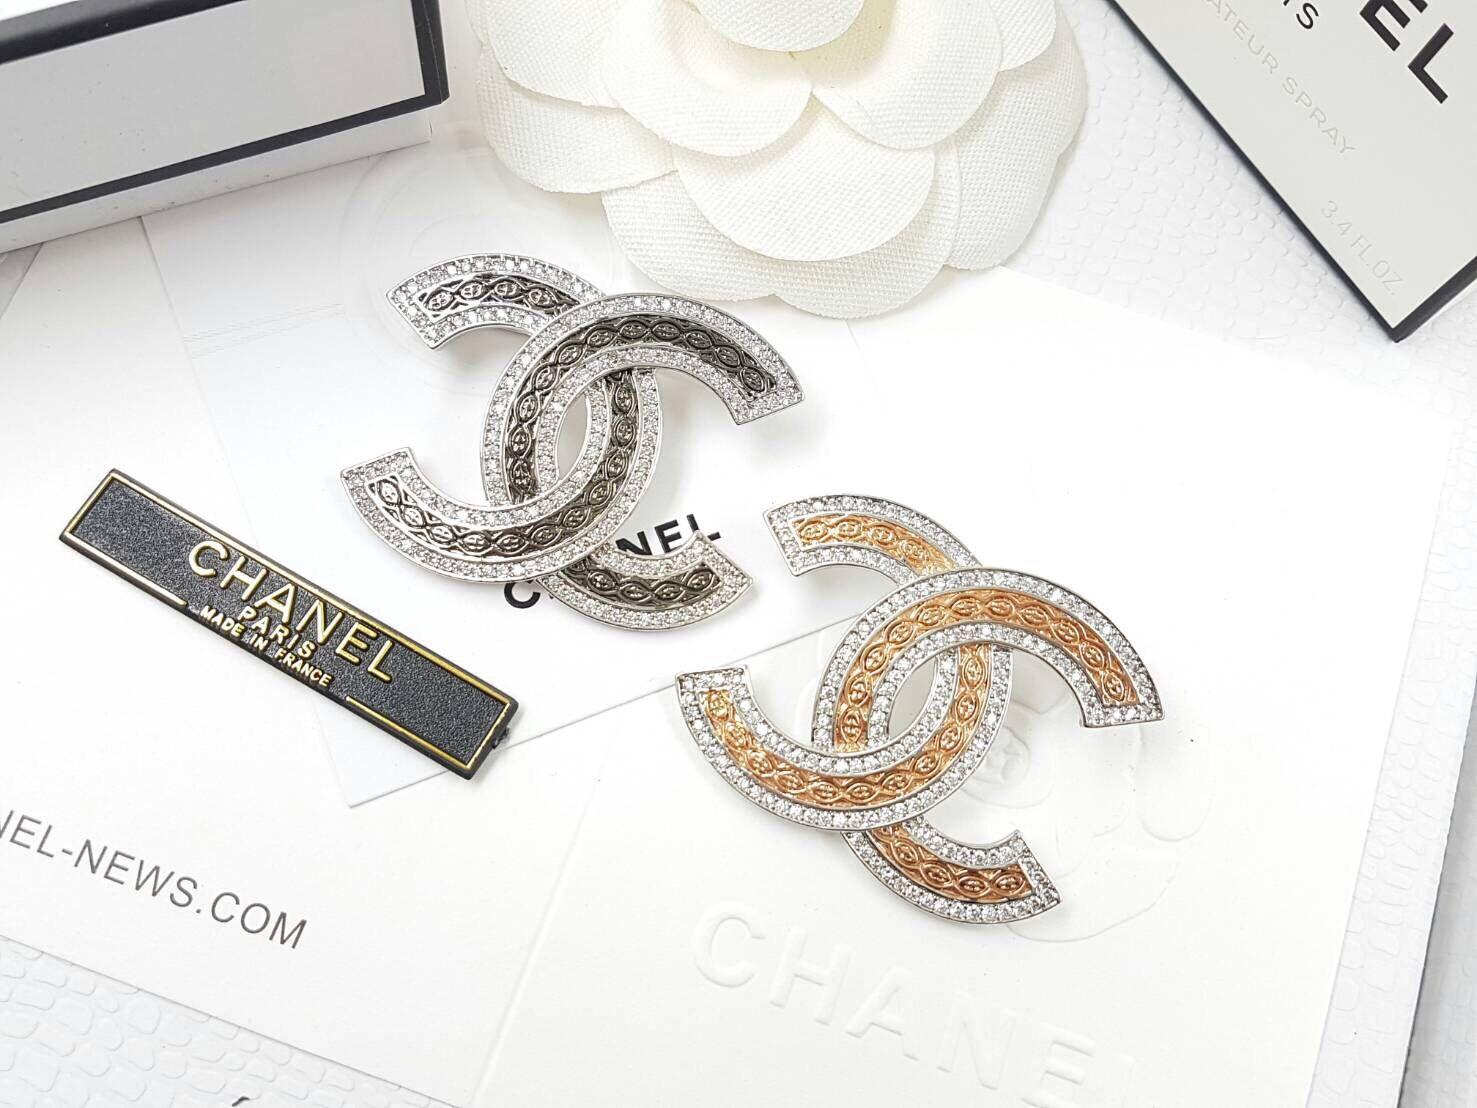 พร้อมส่ง Diamond Chanel Brooch เข็มกลัดชาแนล มีปั้ม Logo